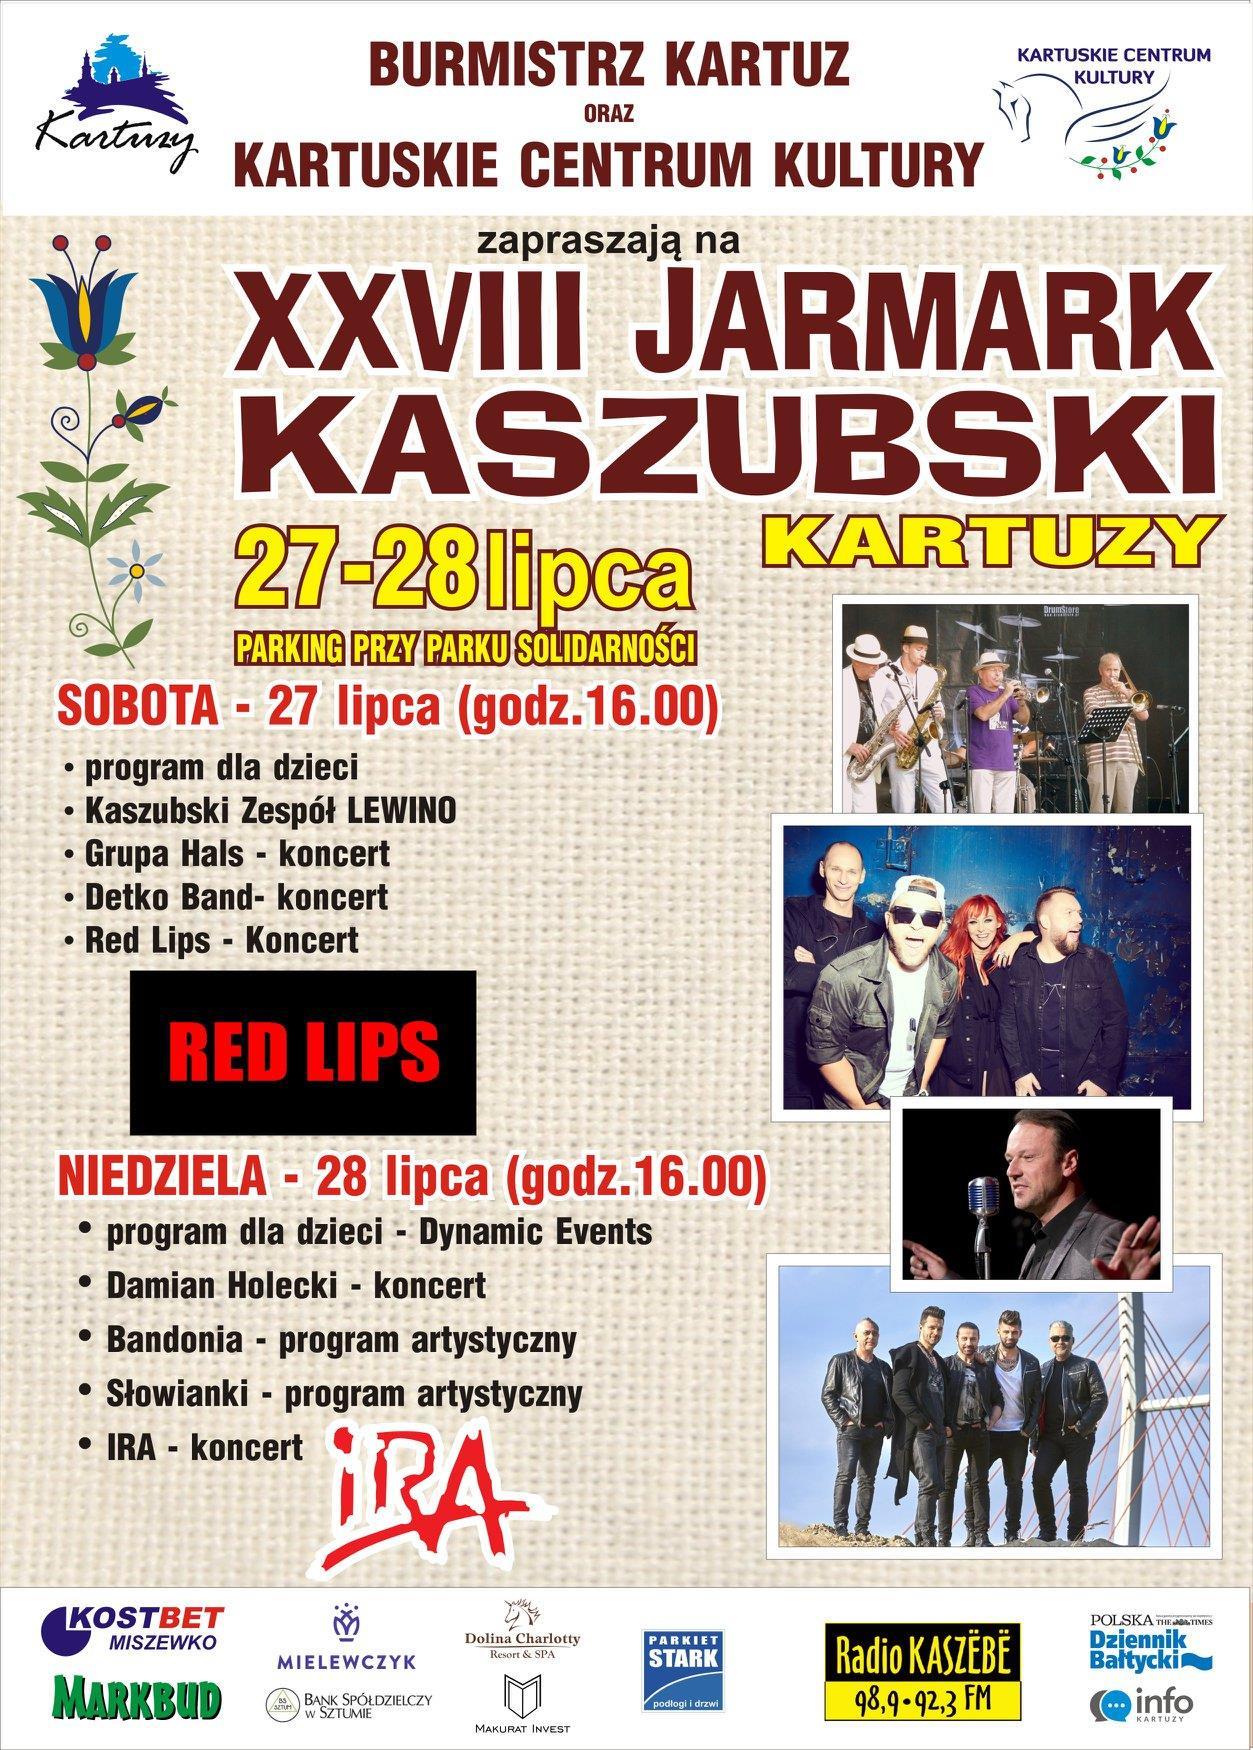 XXVIII JARMARK KASZUBSKI - KARTUZY